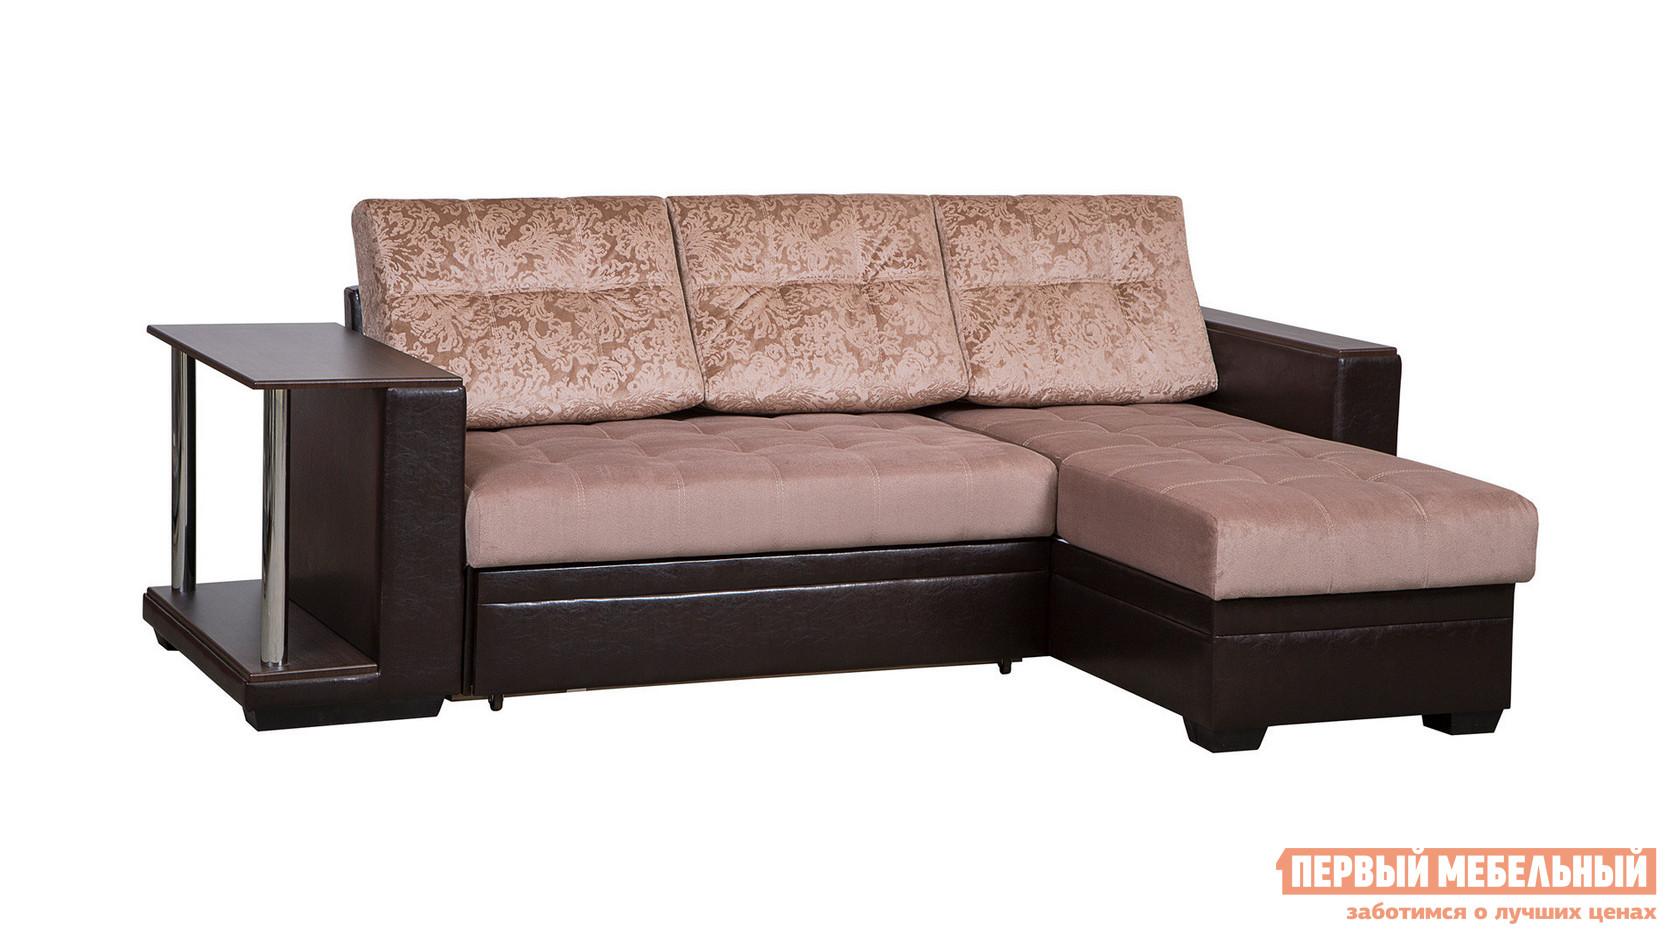 Темный диван в  Москве